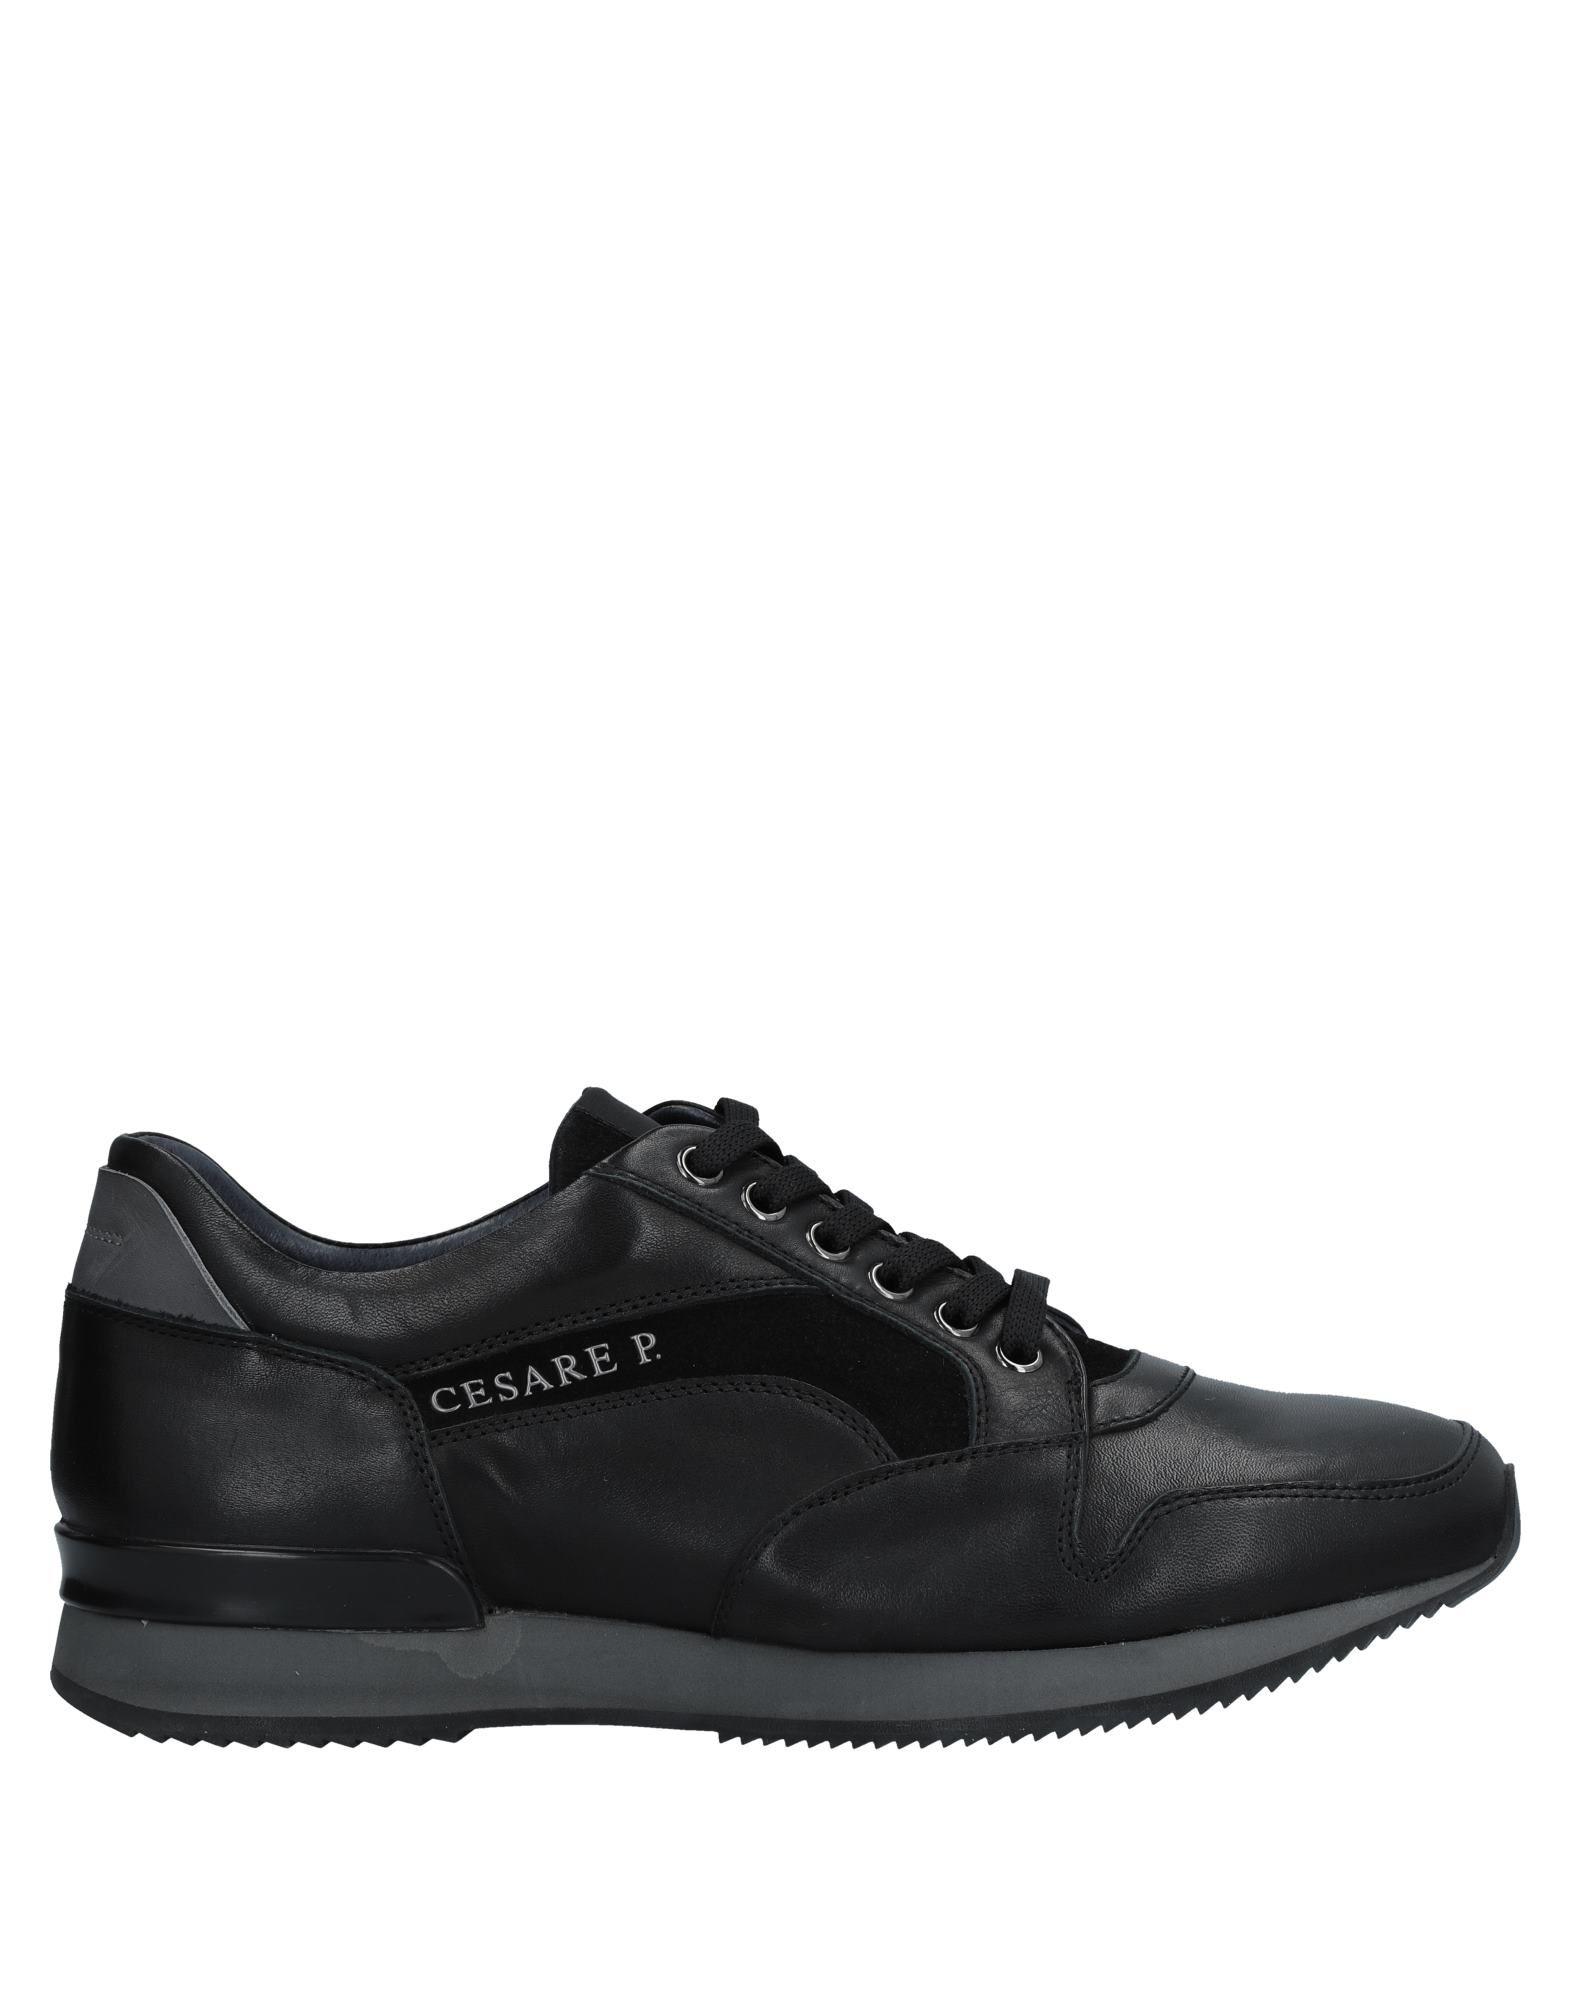 Cesare P. Sneakers Herren  11534861RV Gute Qualität beliebte Schuhe